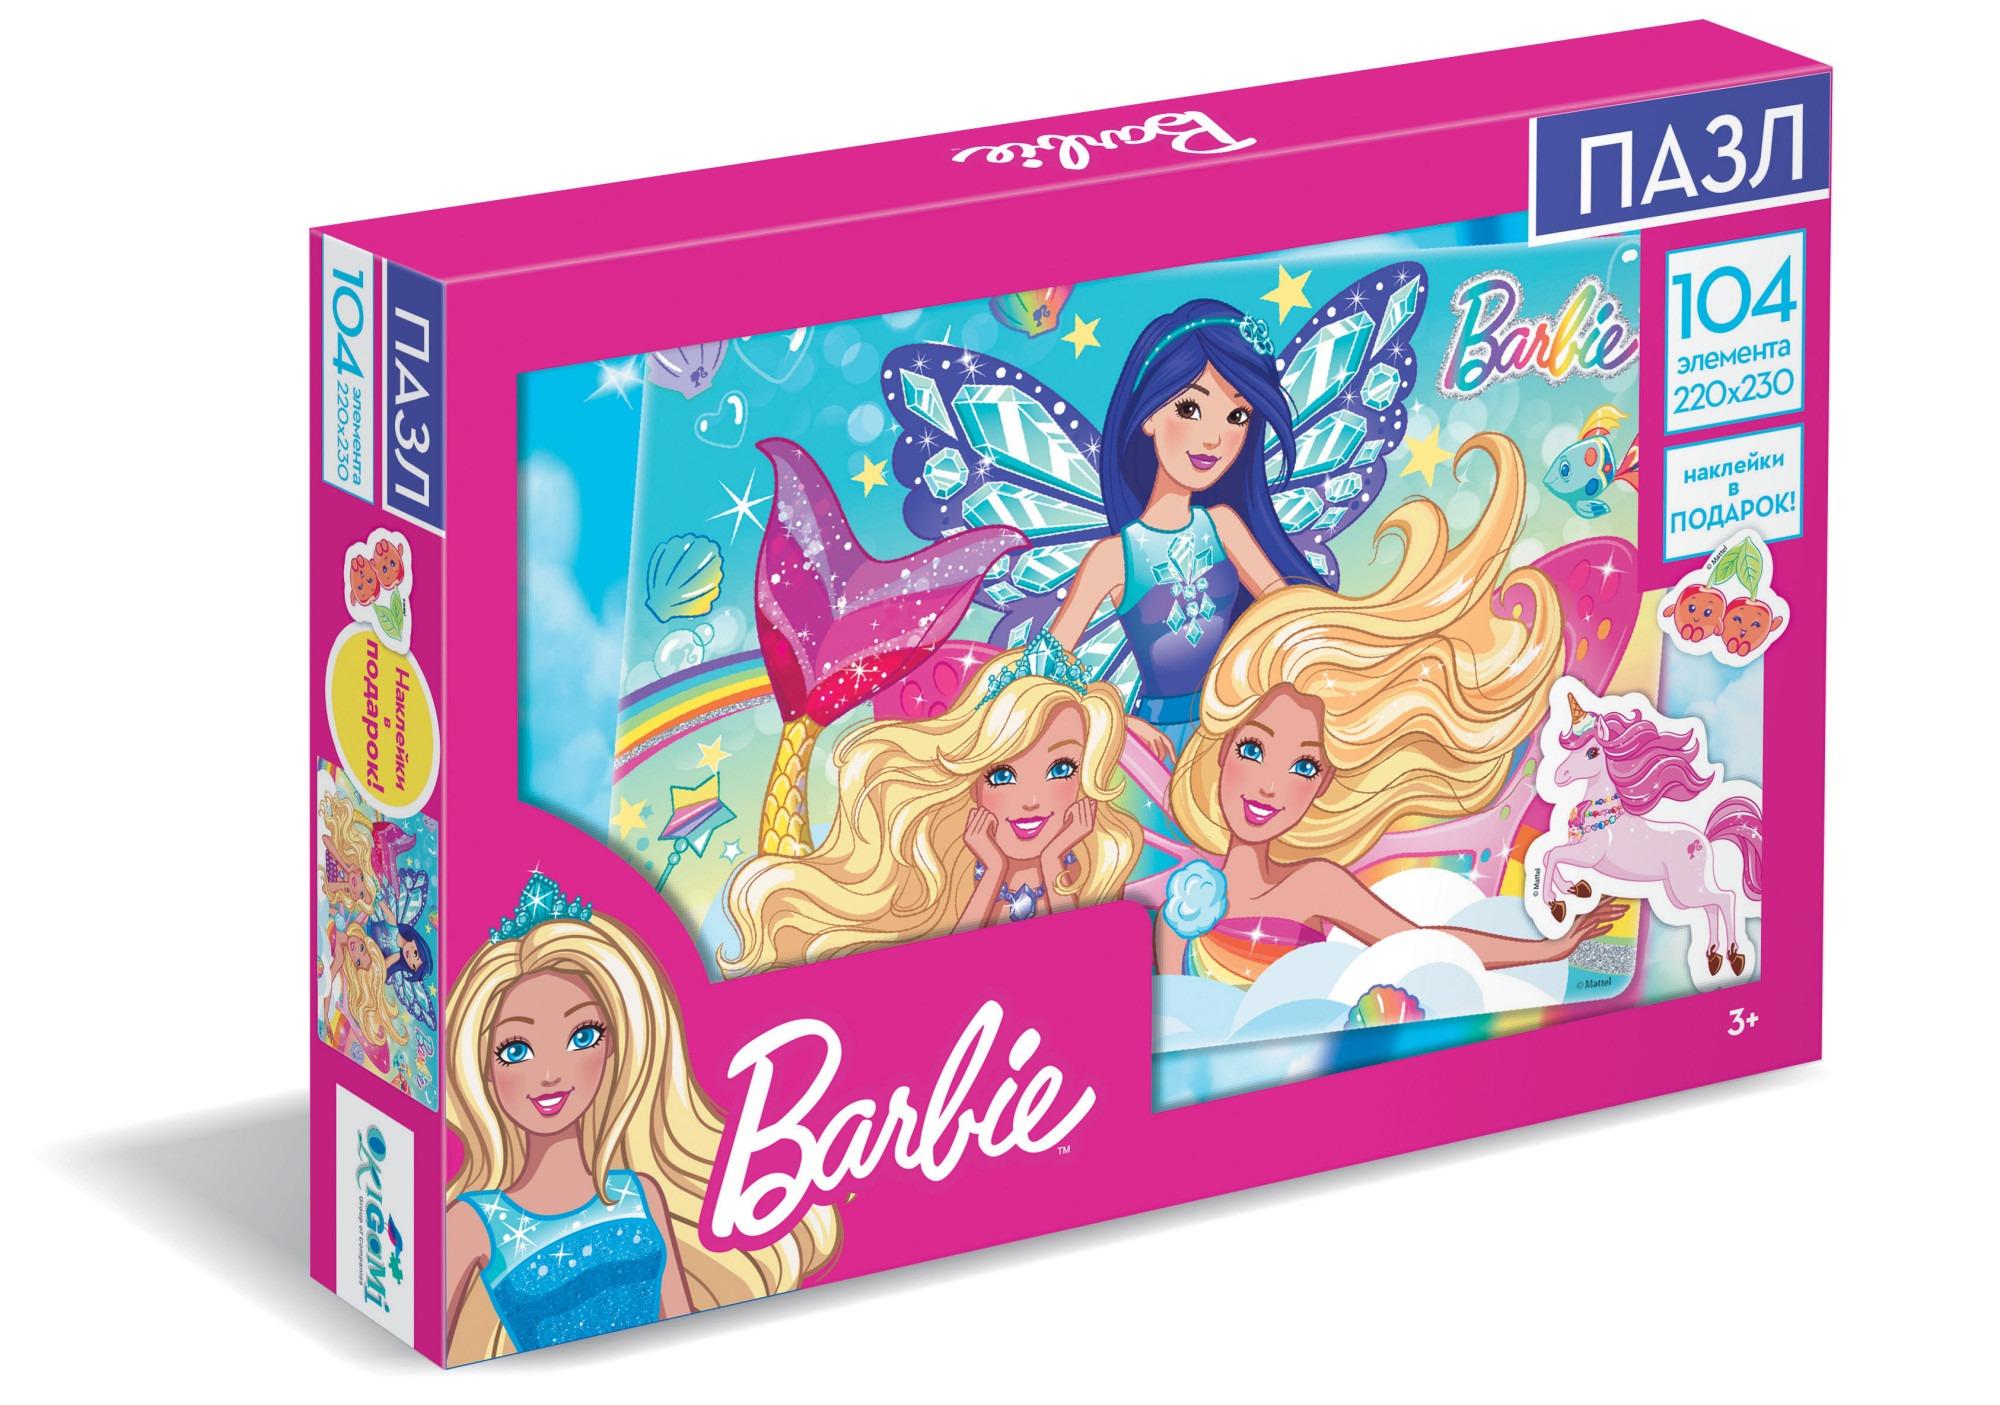 Пазл Barbie В стране фей, 104 элемента + наклейки Origami